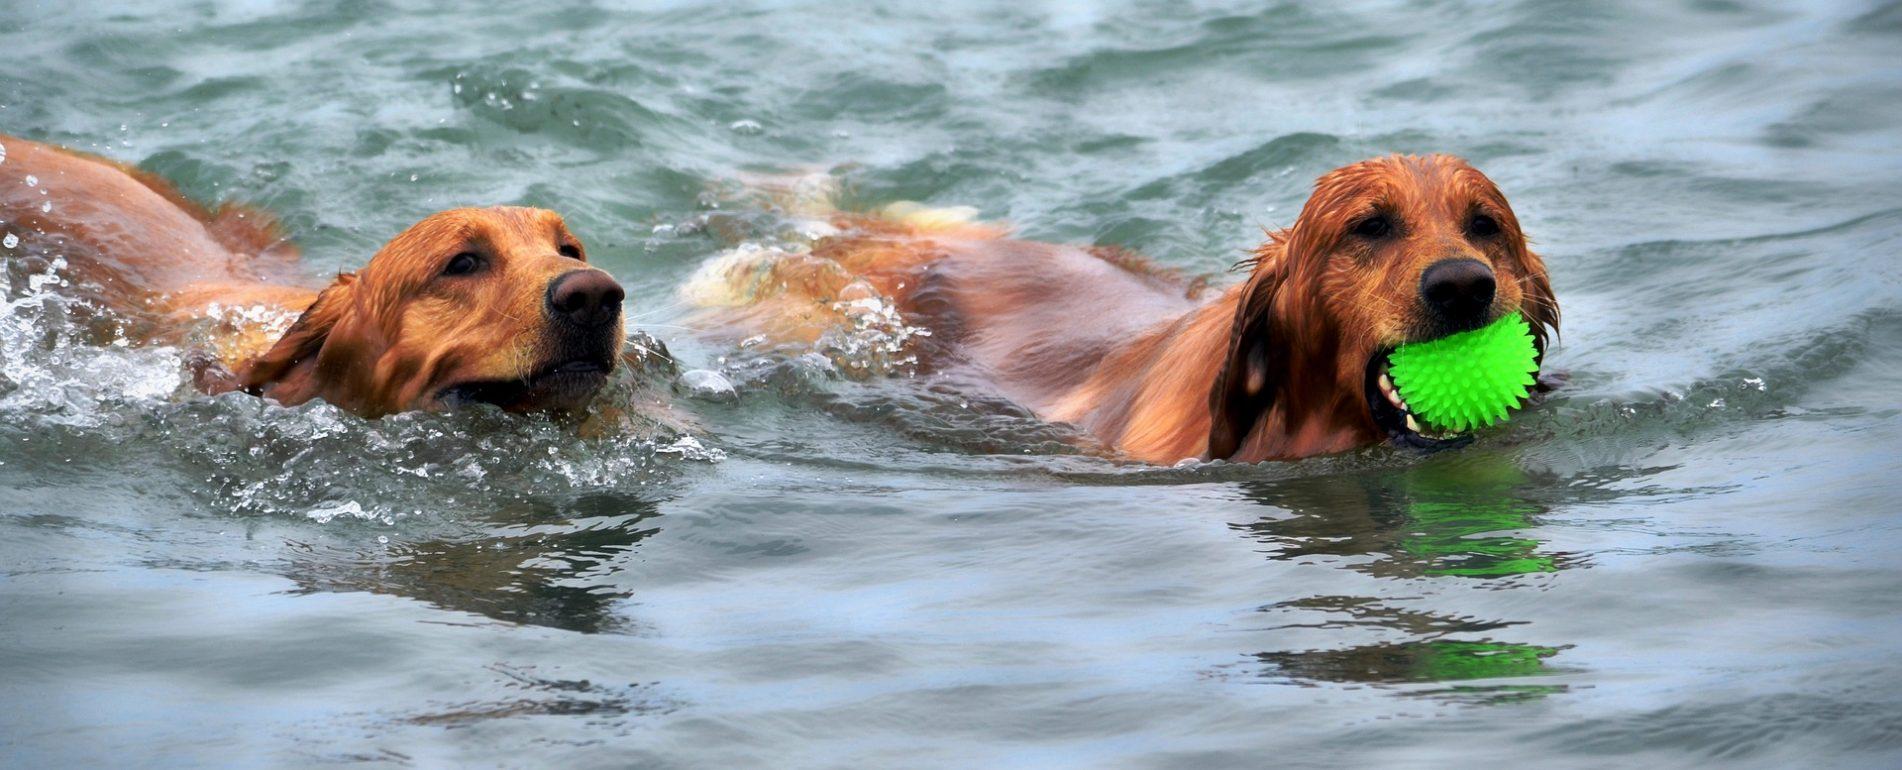 Deux chiens qui nagent. L'un des deux a une balle verte dans la gueule